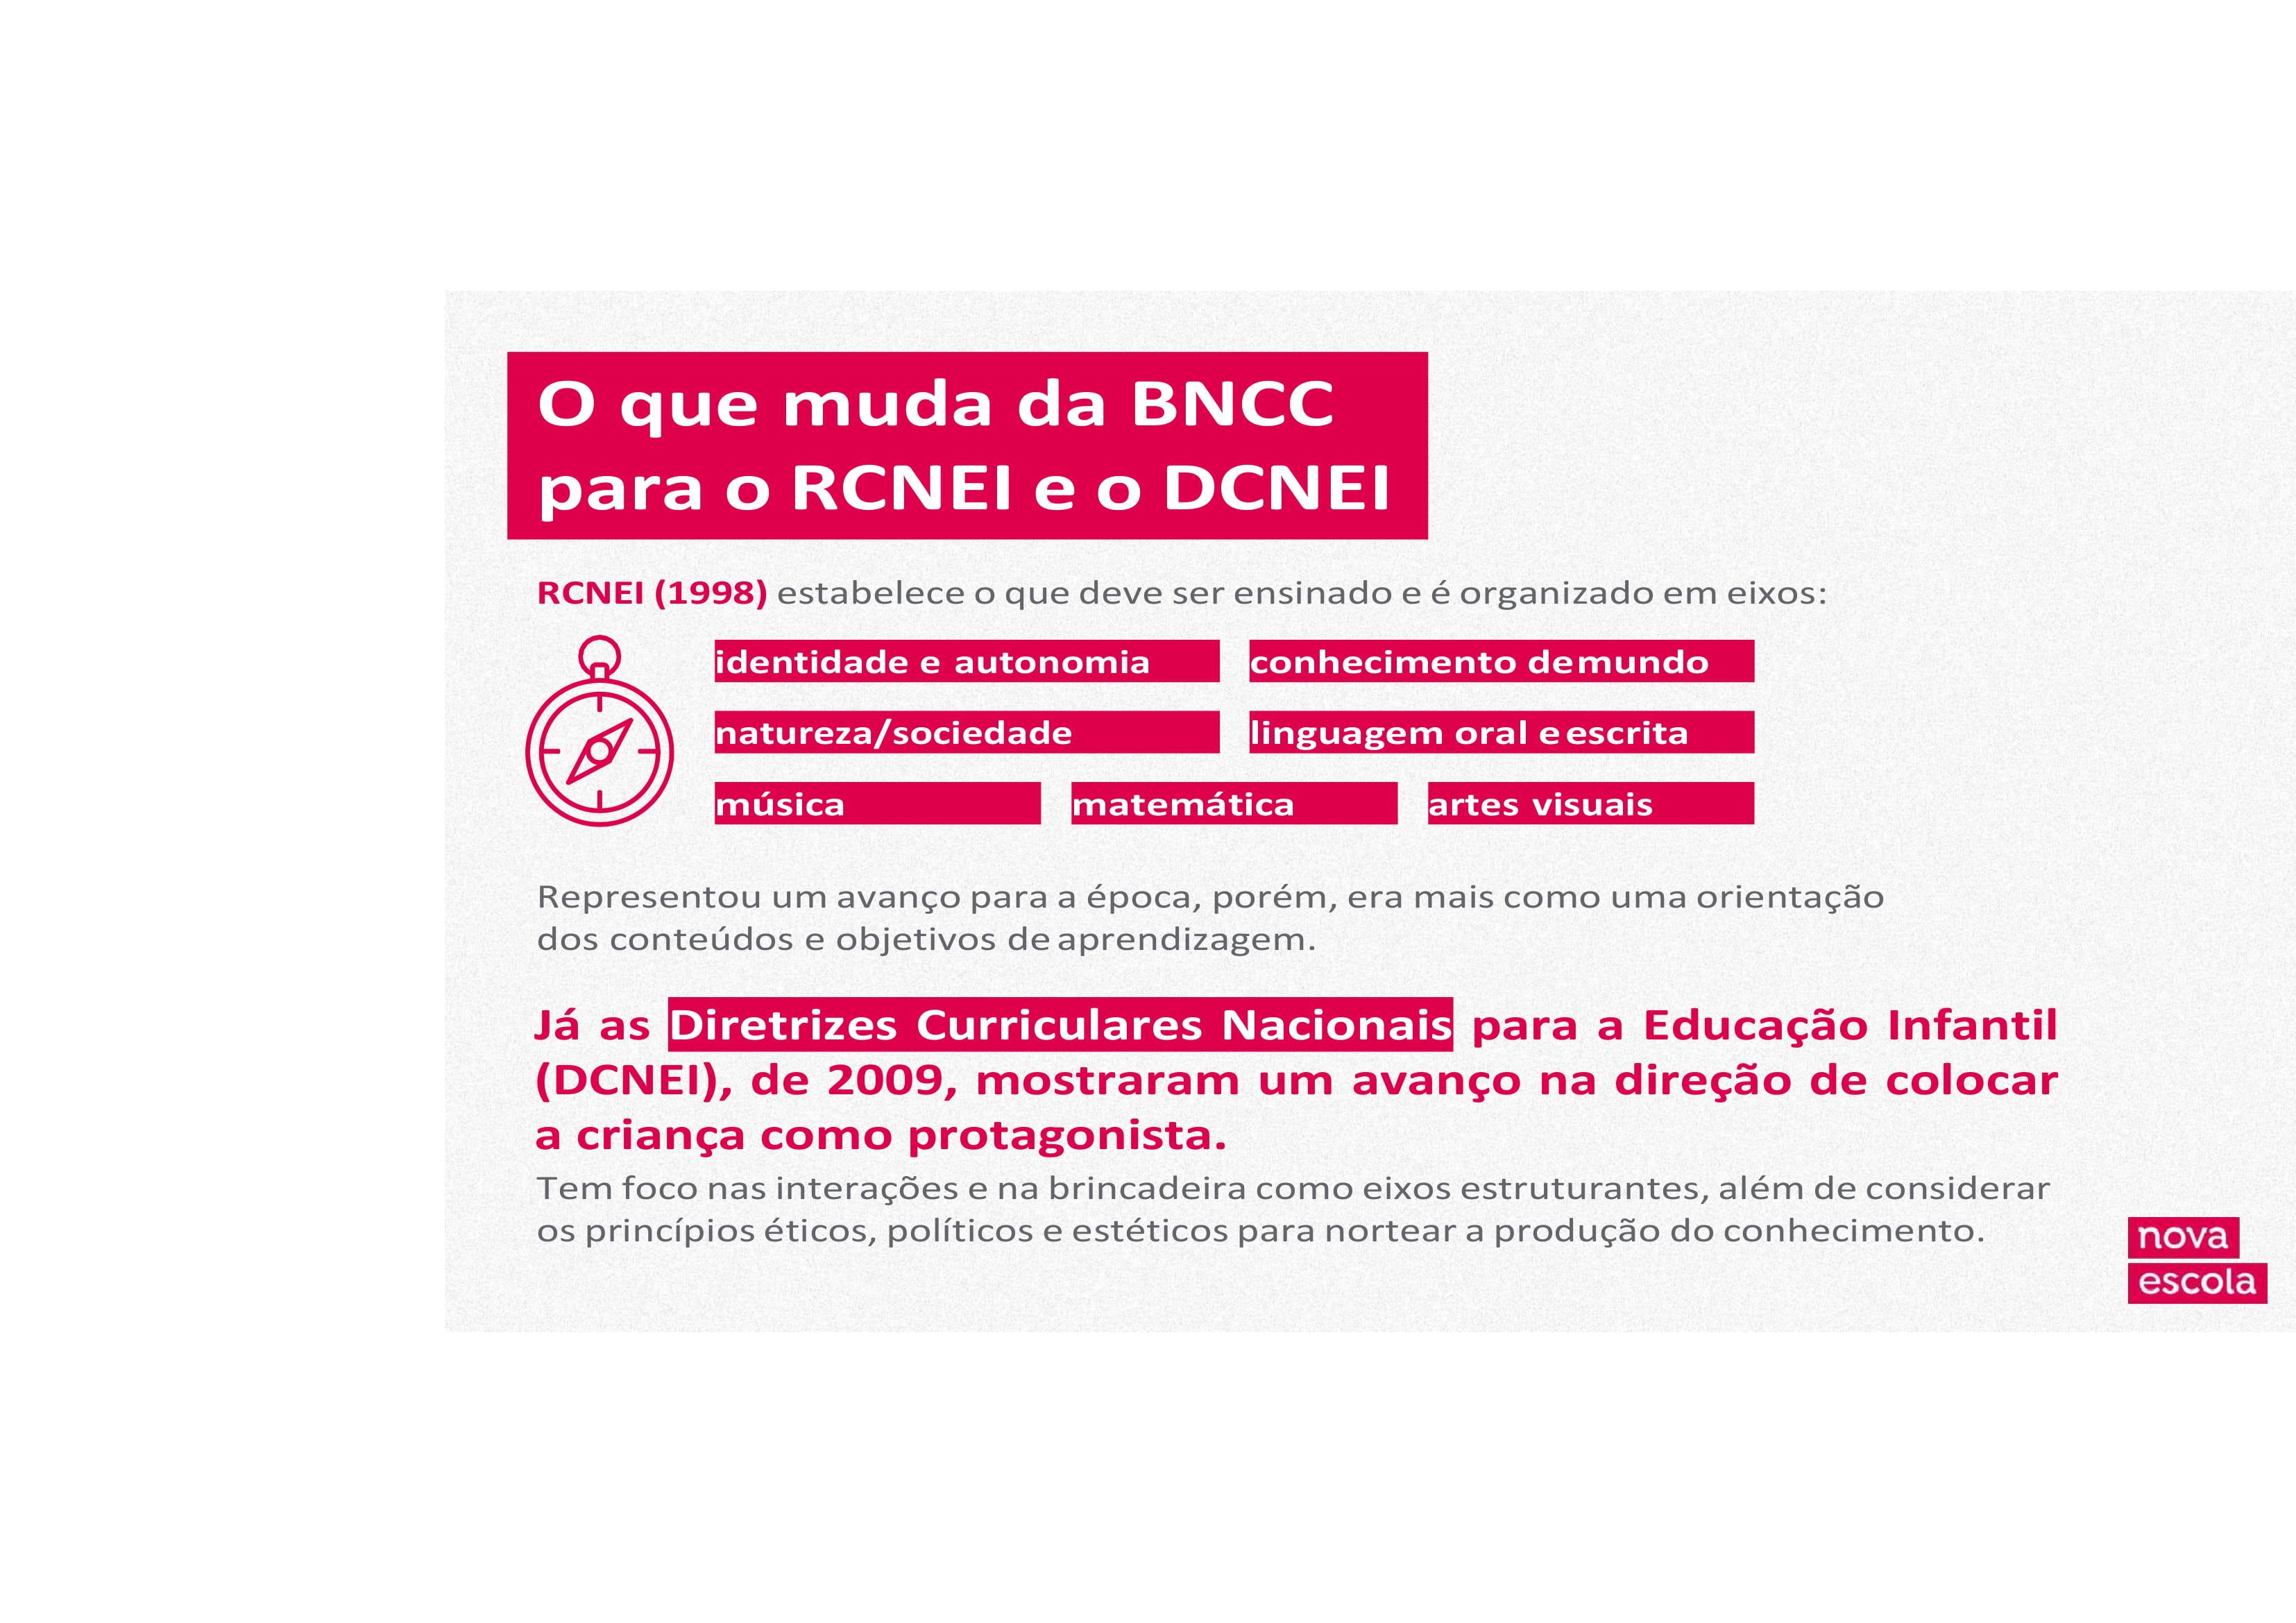 planejamento-educação-infantil-bncc-geral-197